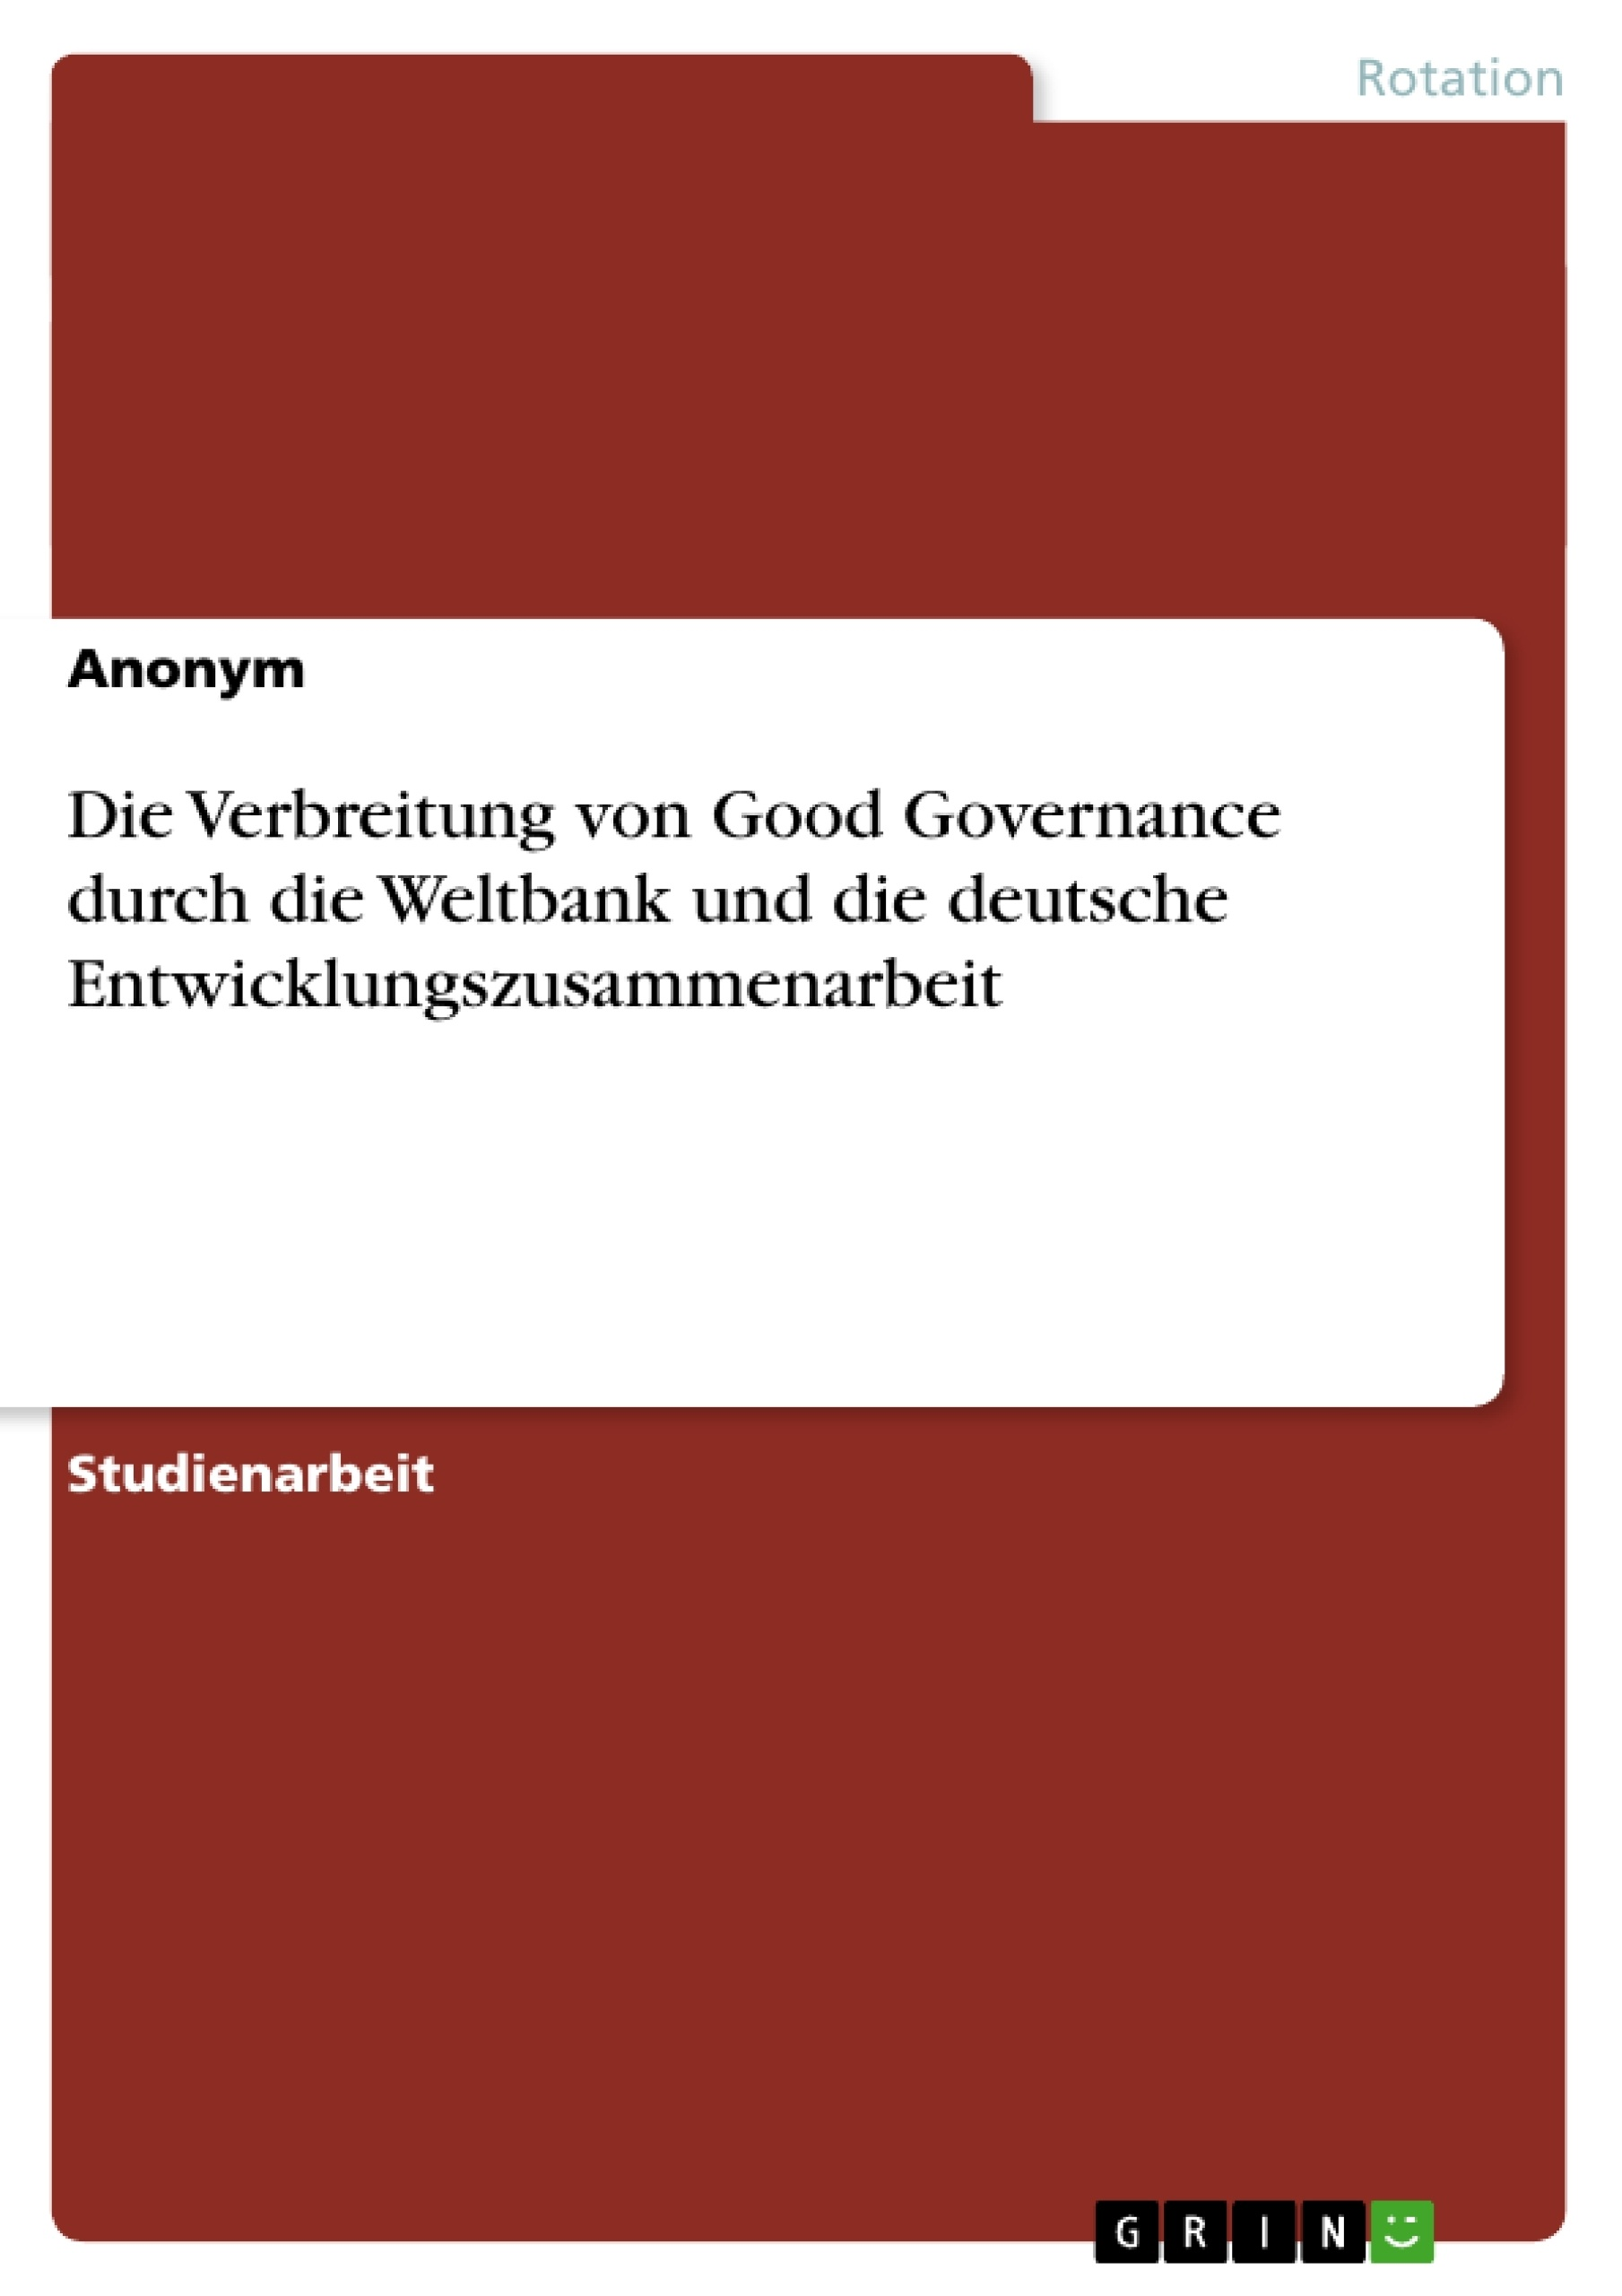 Titel: Die Verbreitung von Good Governance durch die Weltbank und die deutsche Entwicklungszusammenarbeit